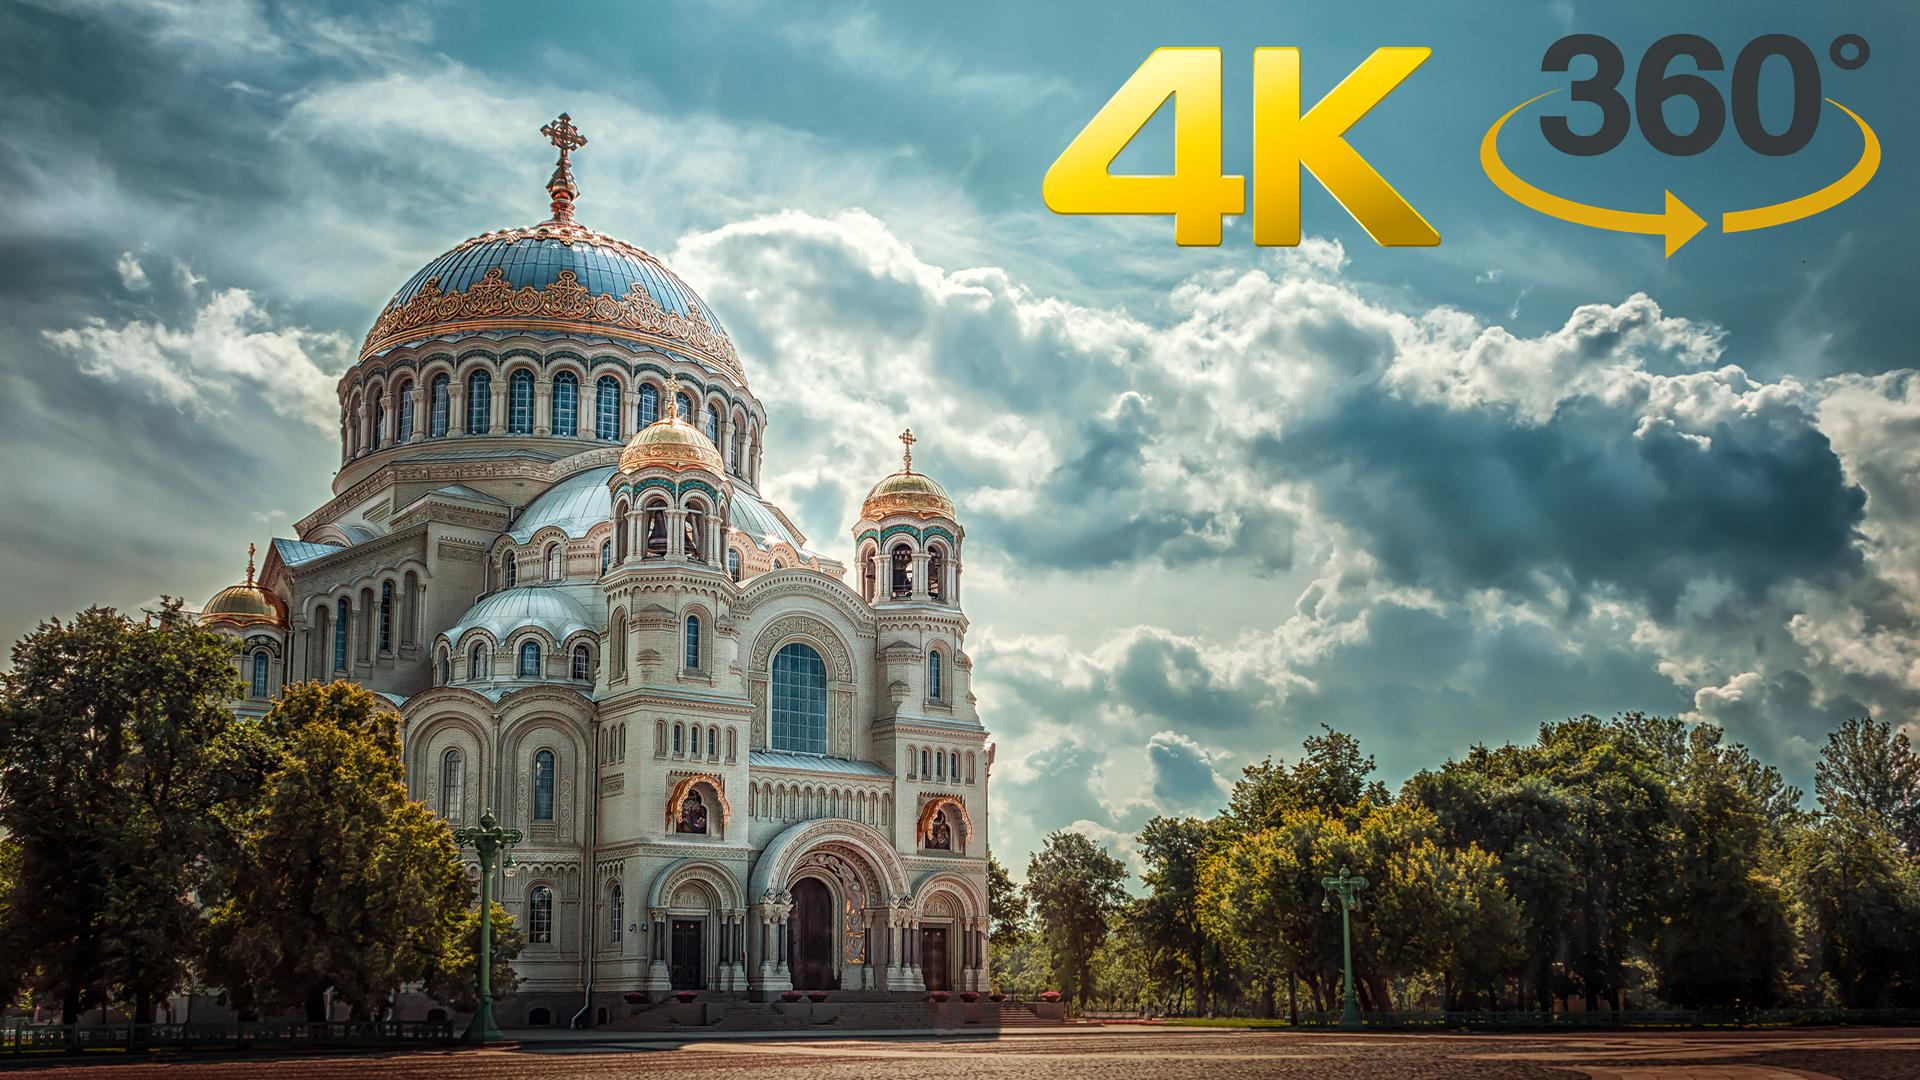 Виртуальная экскурсия по Кронштадскому Собору 360 градусов видео